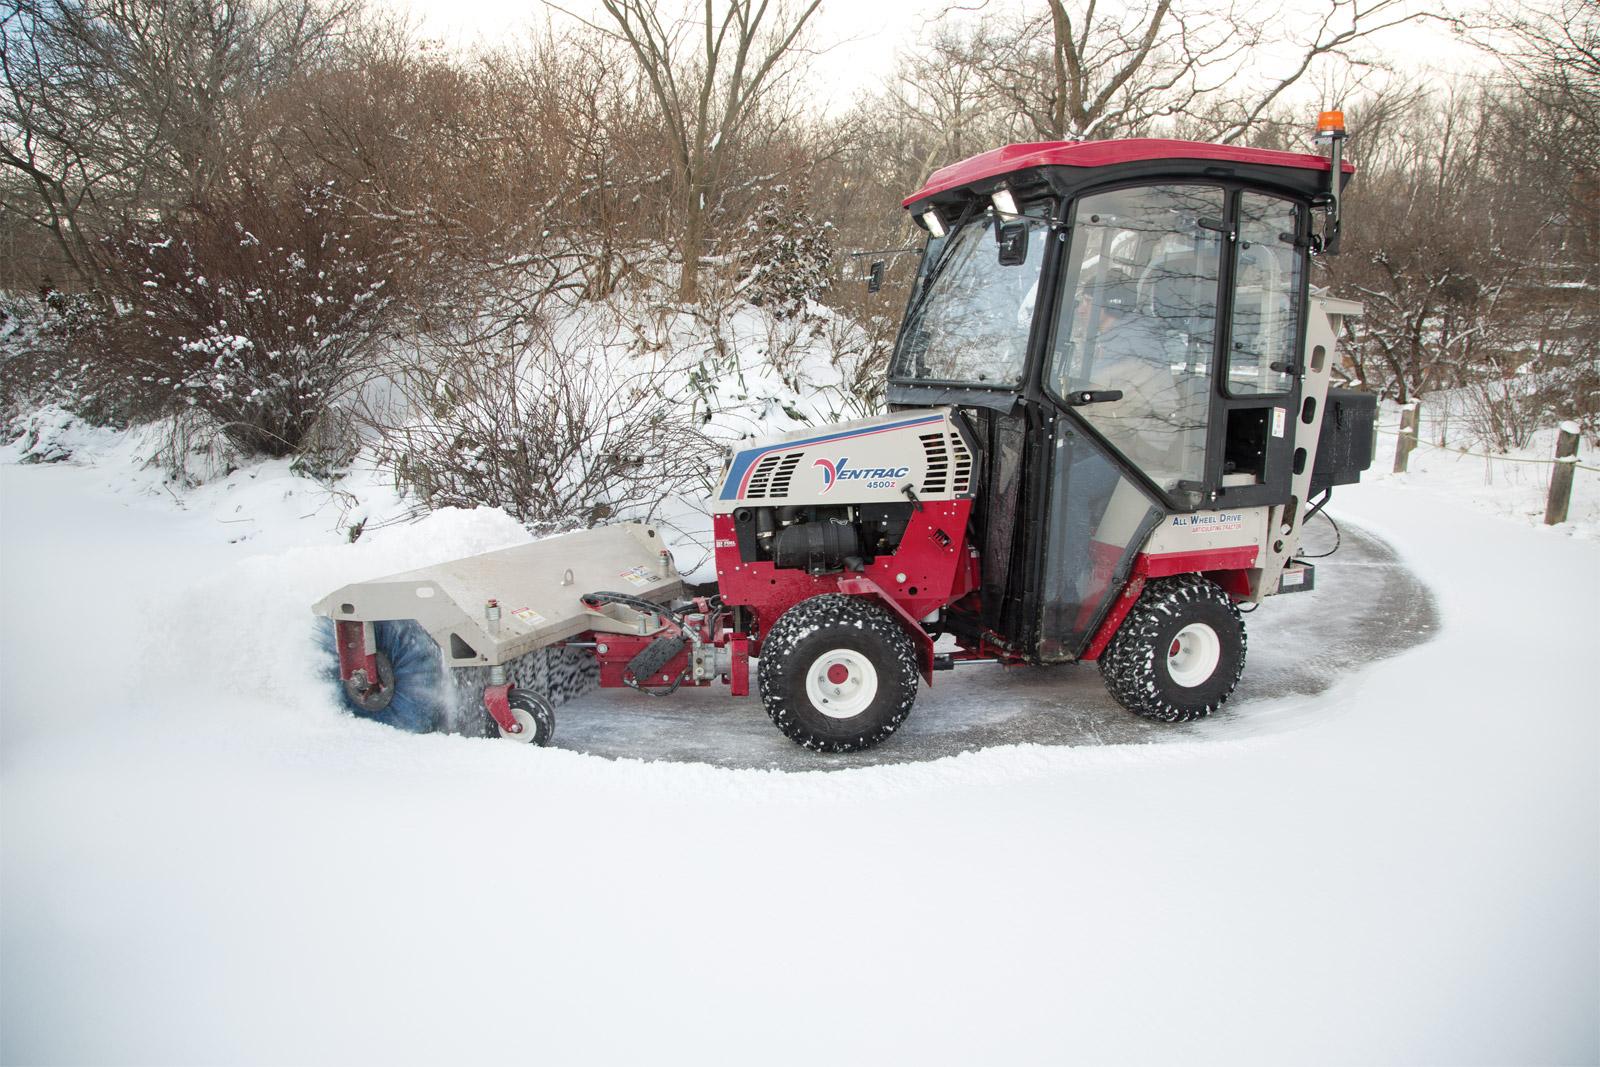 Hb580 Sidewalk Snow Broom Morgantown Wv Sunset